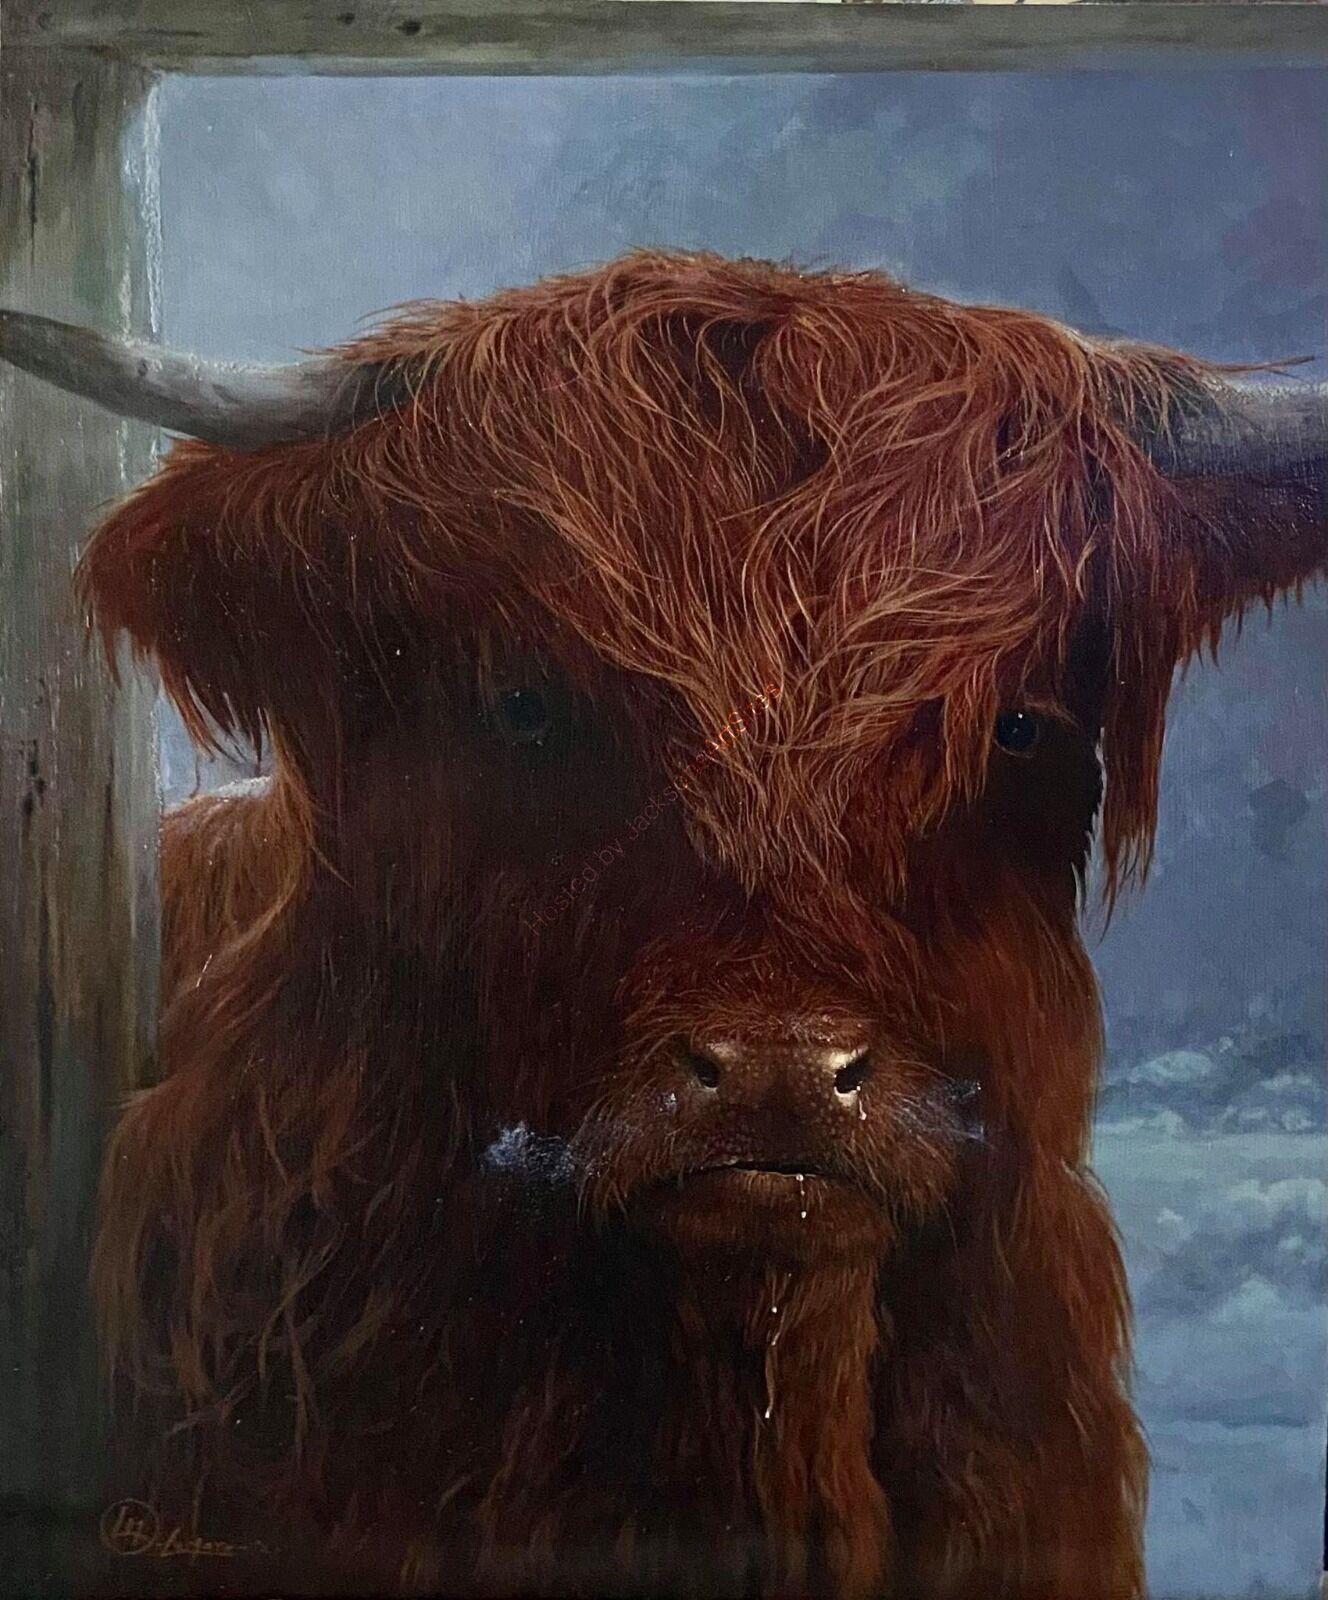 Highland cow II - In stable doorway